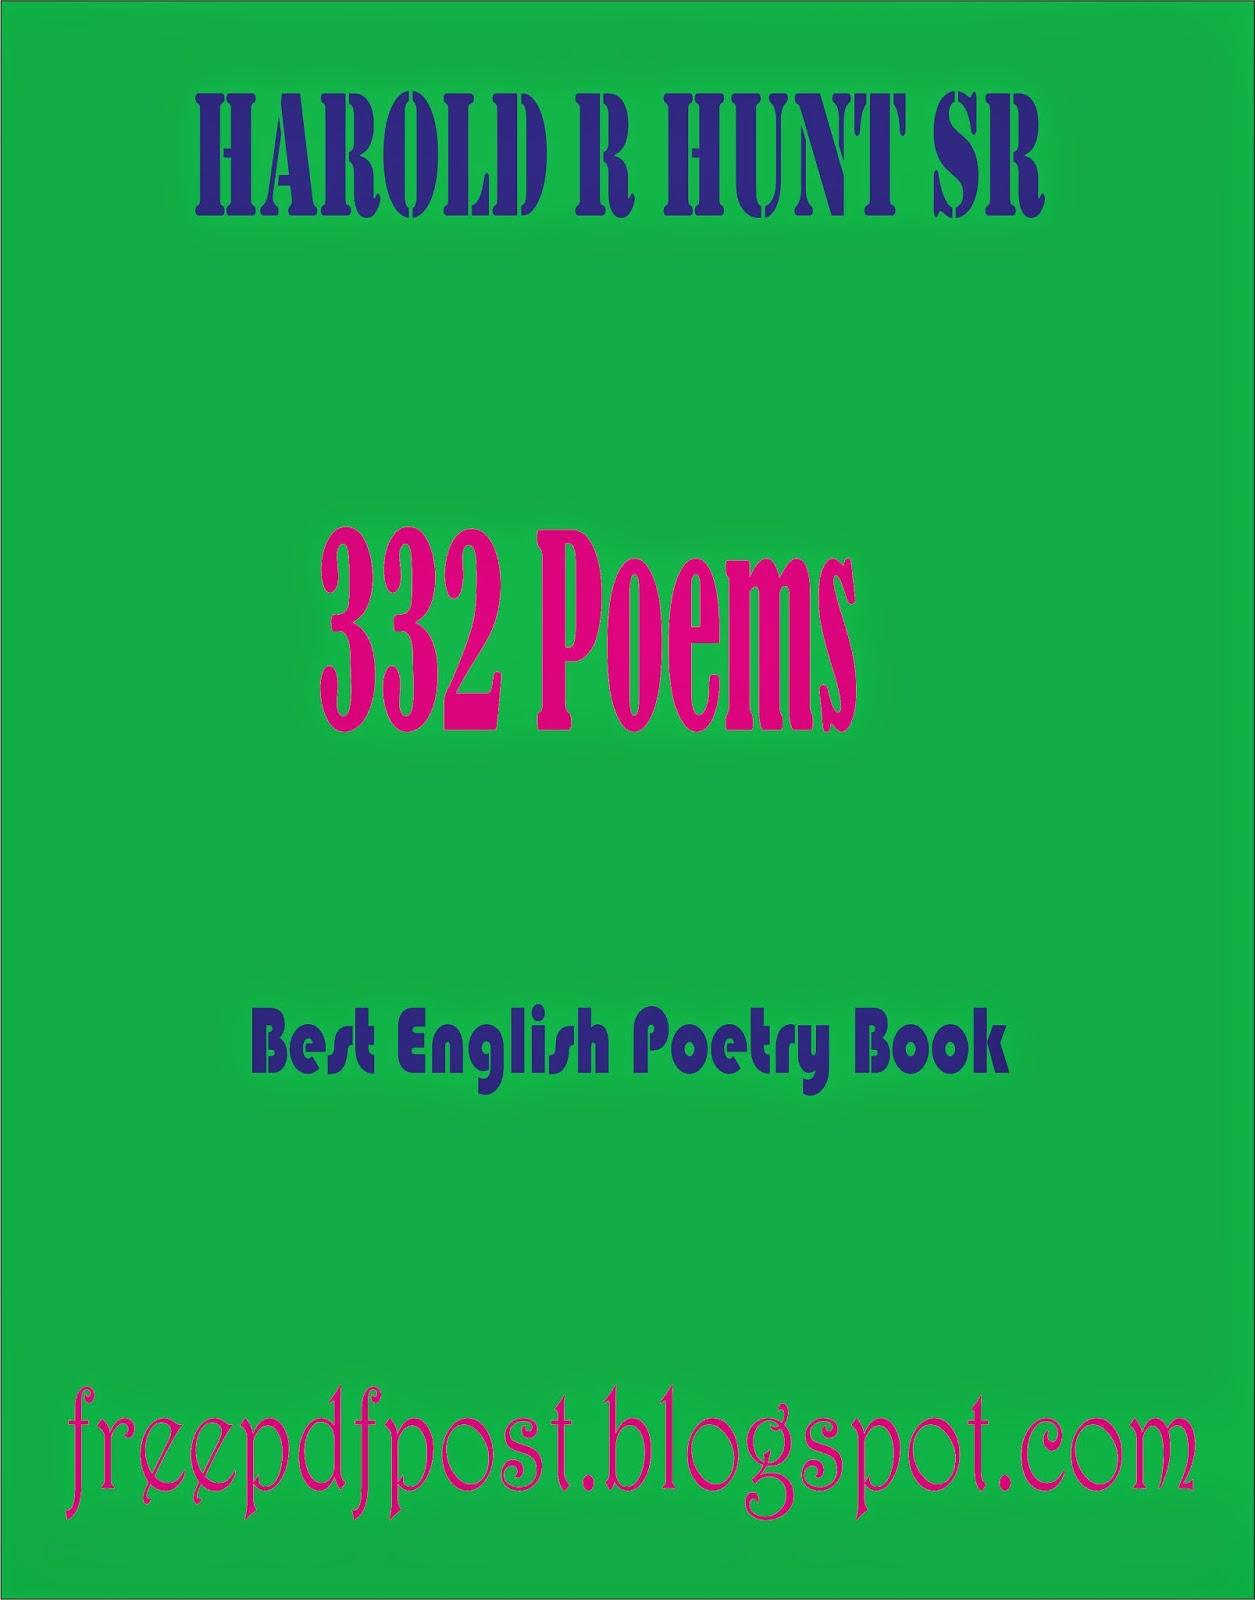 http://www.mediafire.com/view/4ex9rnc6mhdhrrt/harold_r_hunt_.pdf